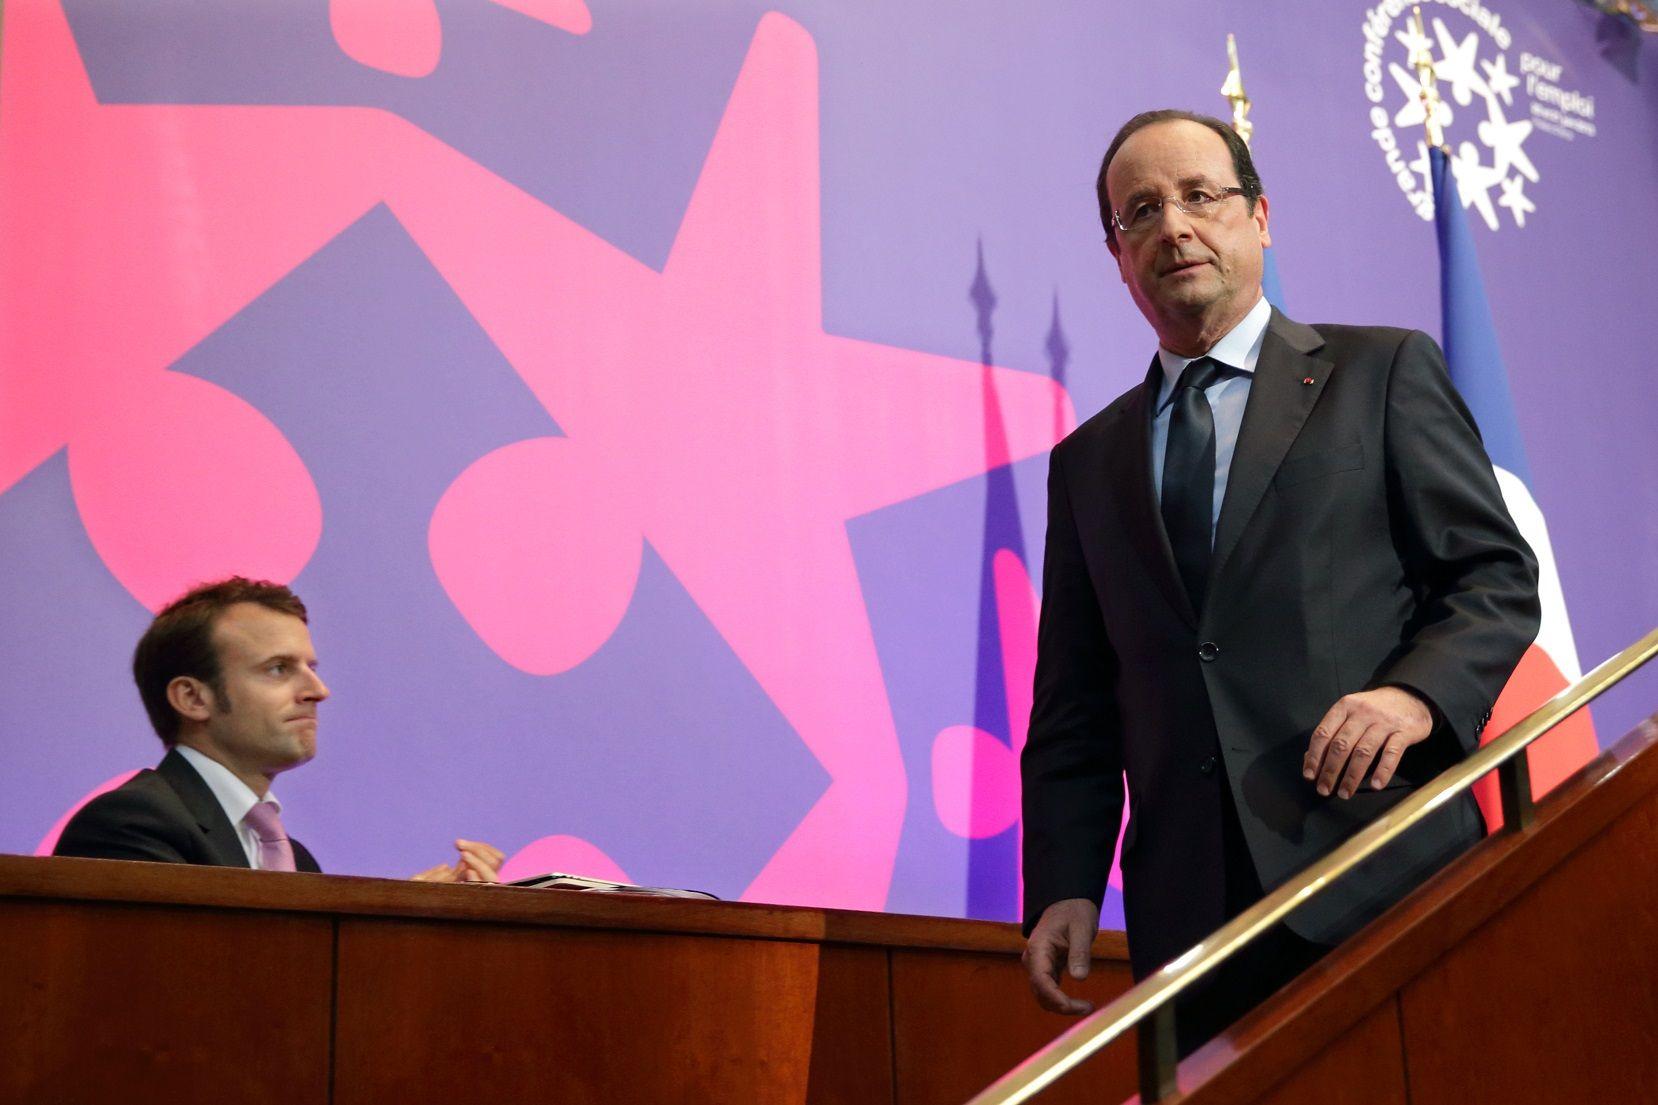 Hollande va-t-il soutenir Macron ? L'annonce d'un de ses proches vire à l'imbroglio